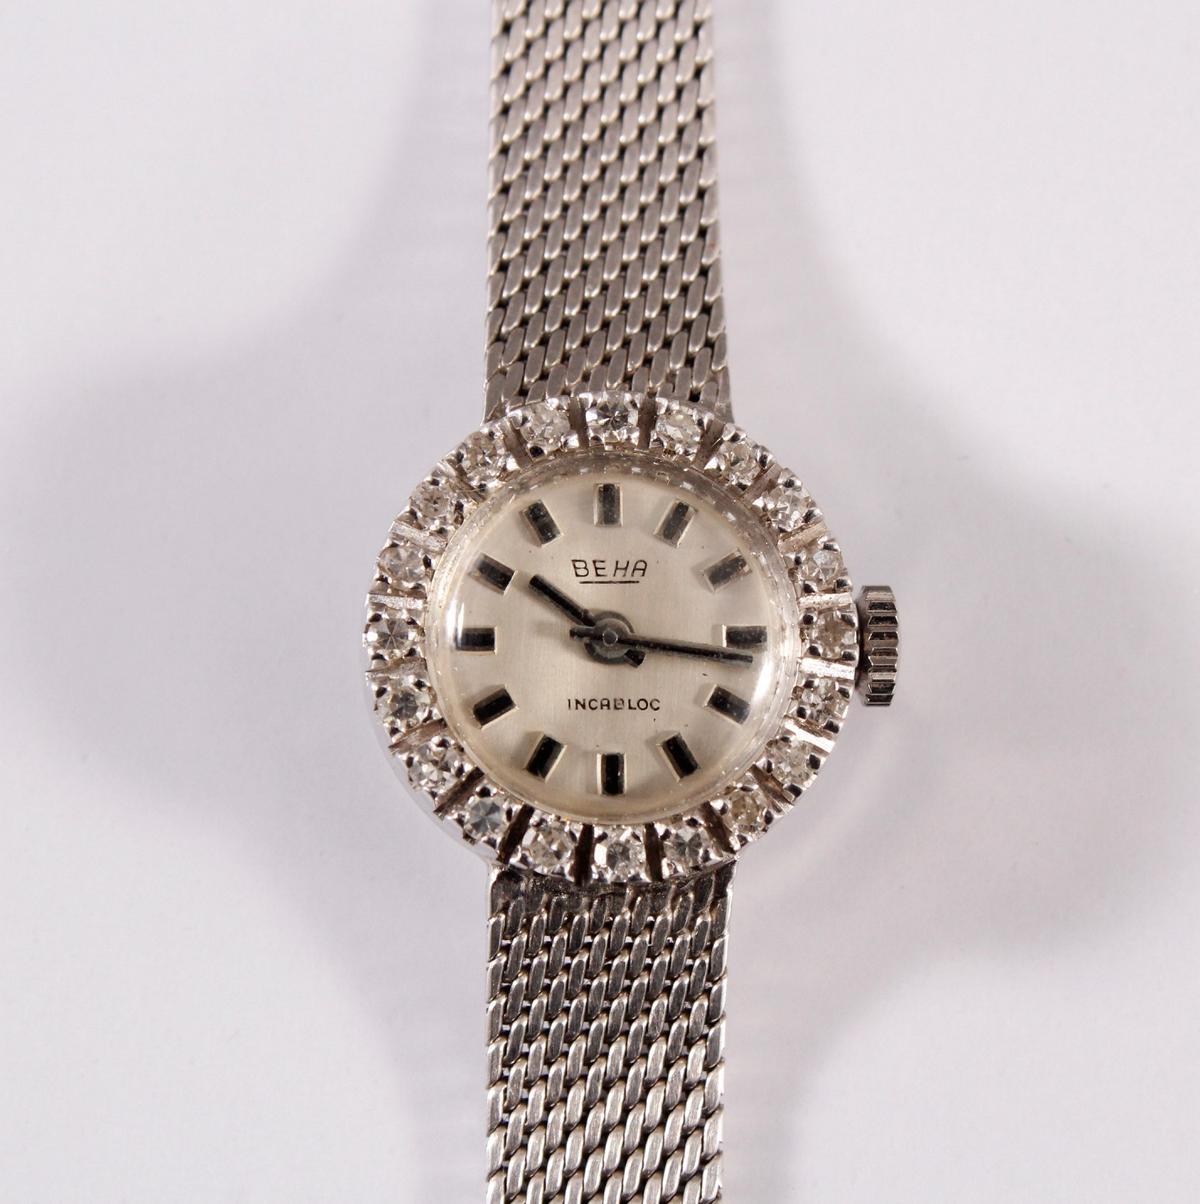 Damenarmbanduhr der Marke Beha mit Diamantkranz, 14 kt Weißgold-2